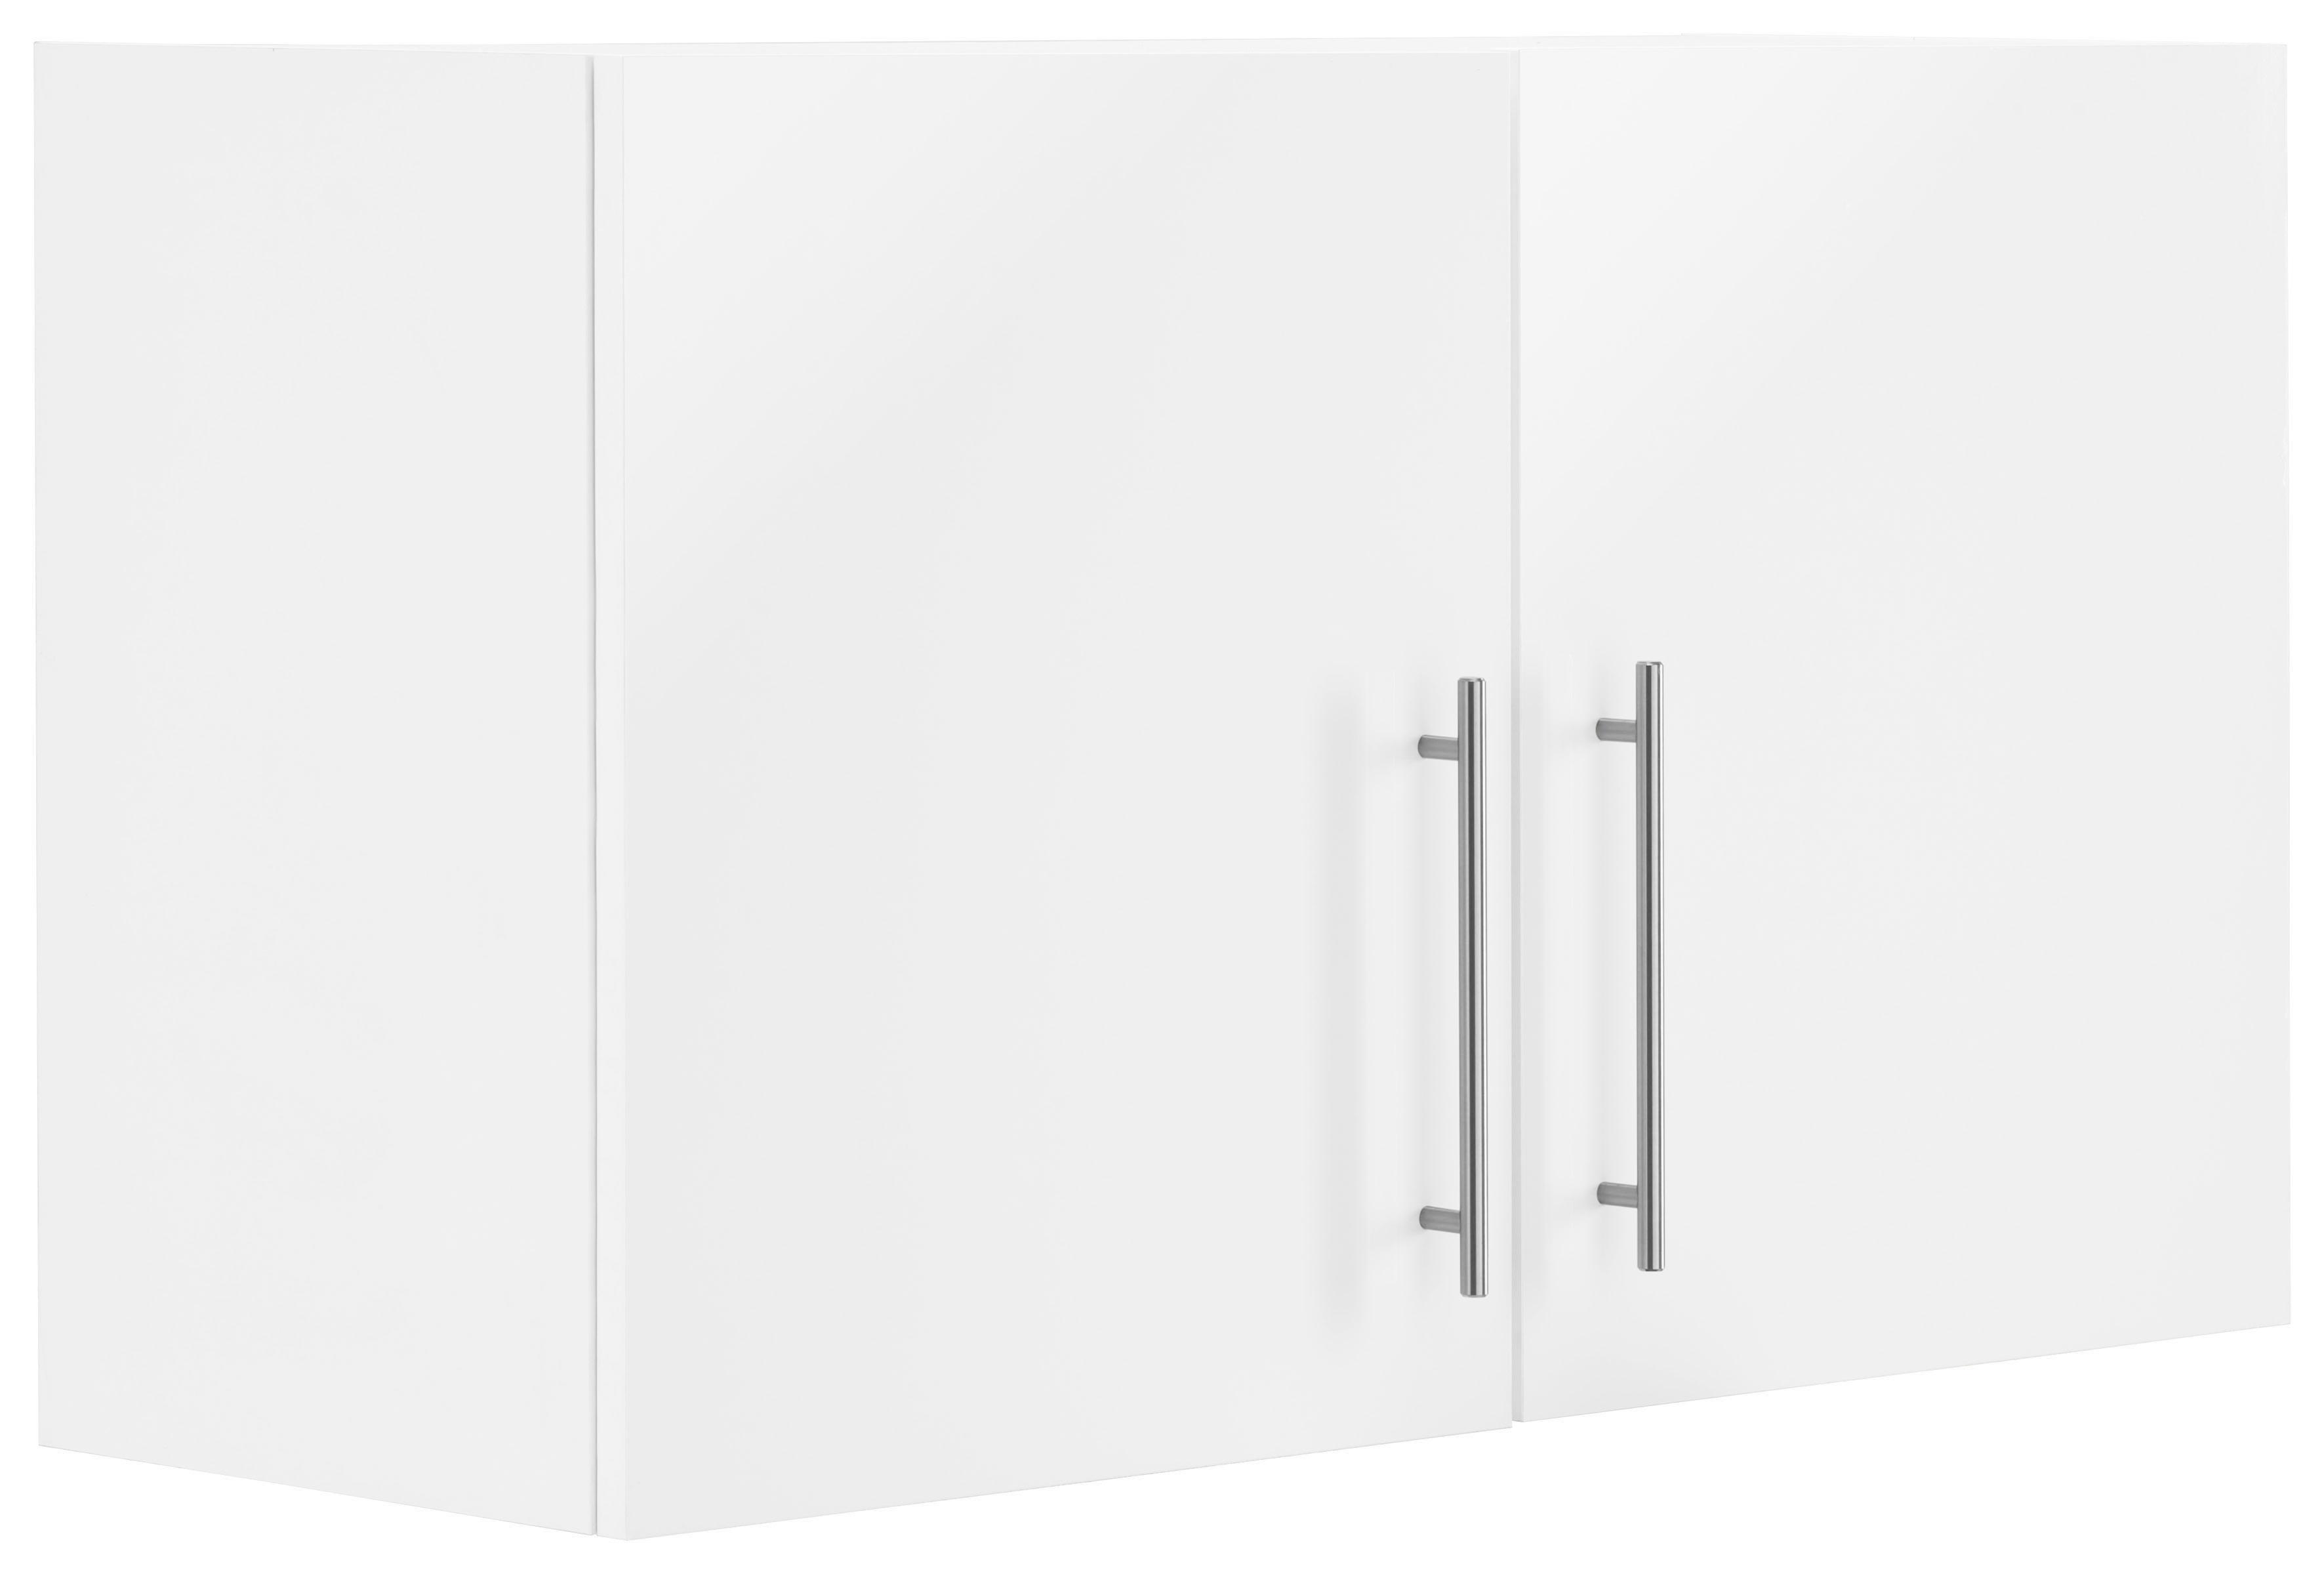 wiho Küchen Hängeschrank »Cali« | Küche und Esszimmer > Küchenschränke > Küchen-Hängeschränke | wiho Küchen